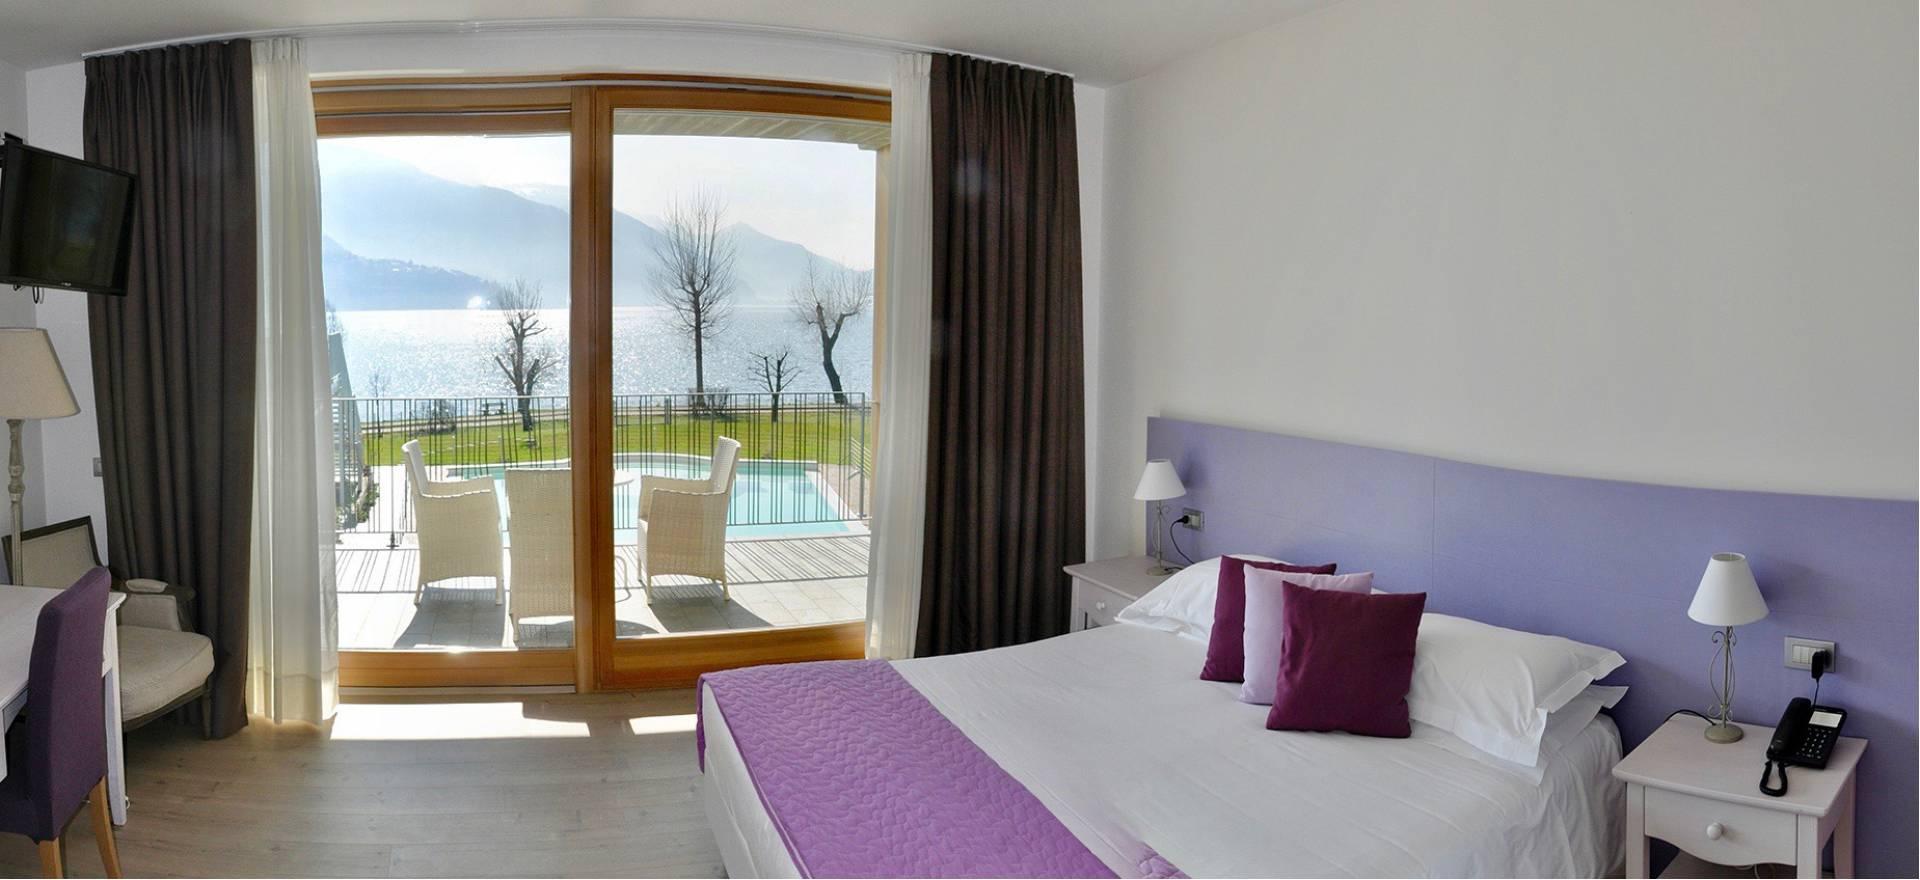 Agriturismo Lago di Como e lago di Garda Piccolo hotel di campagna in bella posizione sul lago di Como